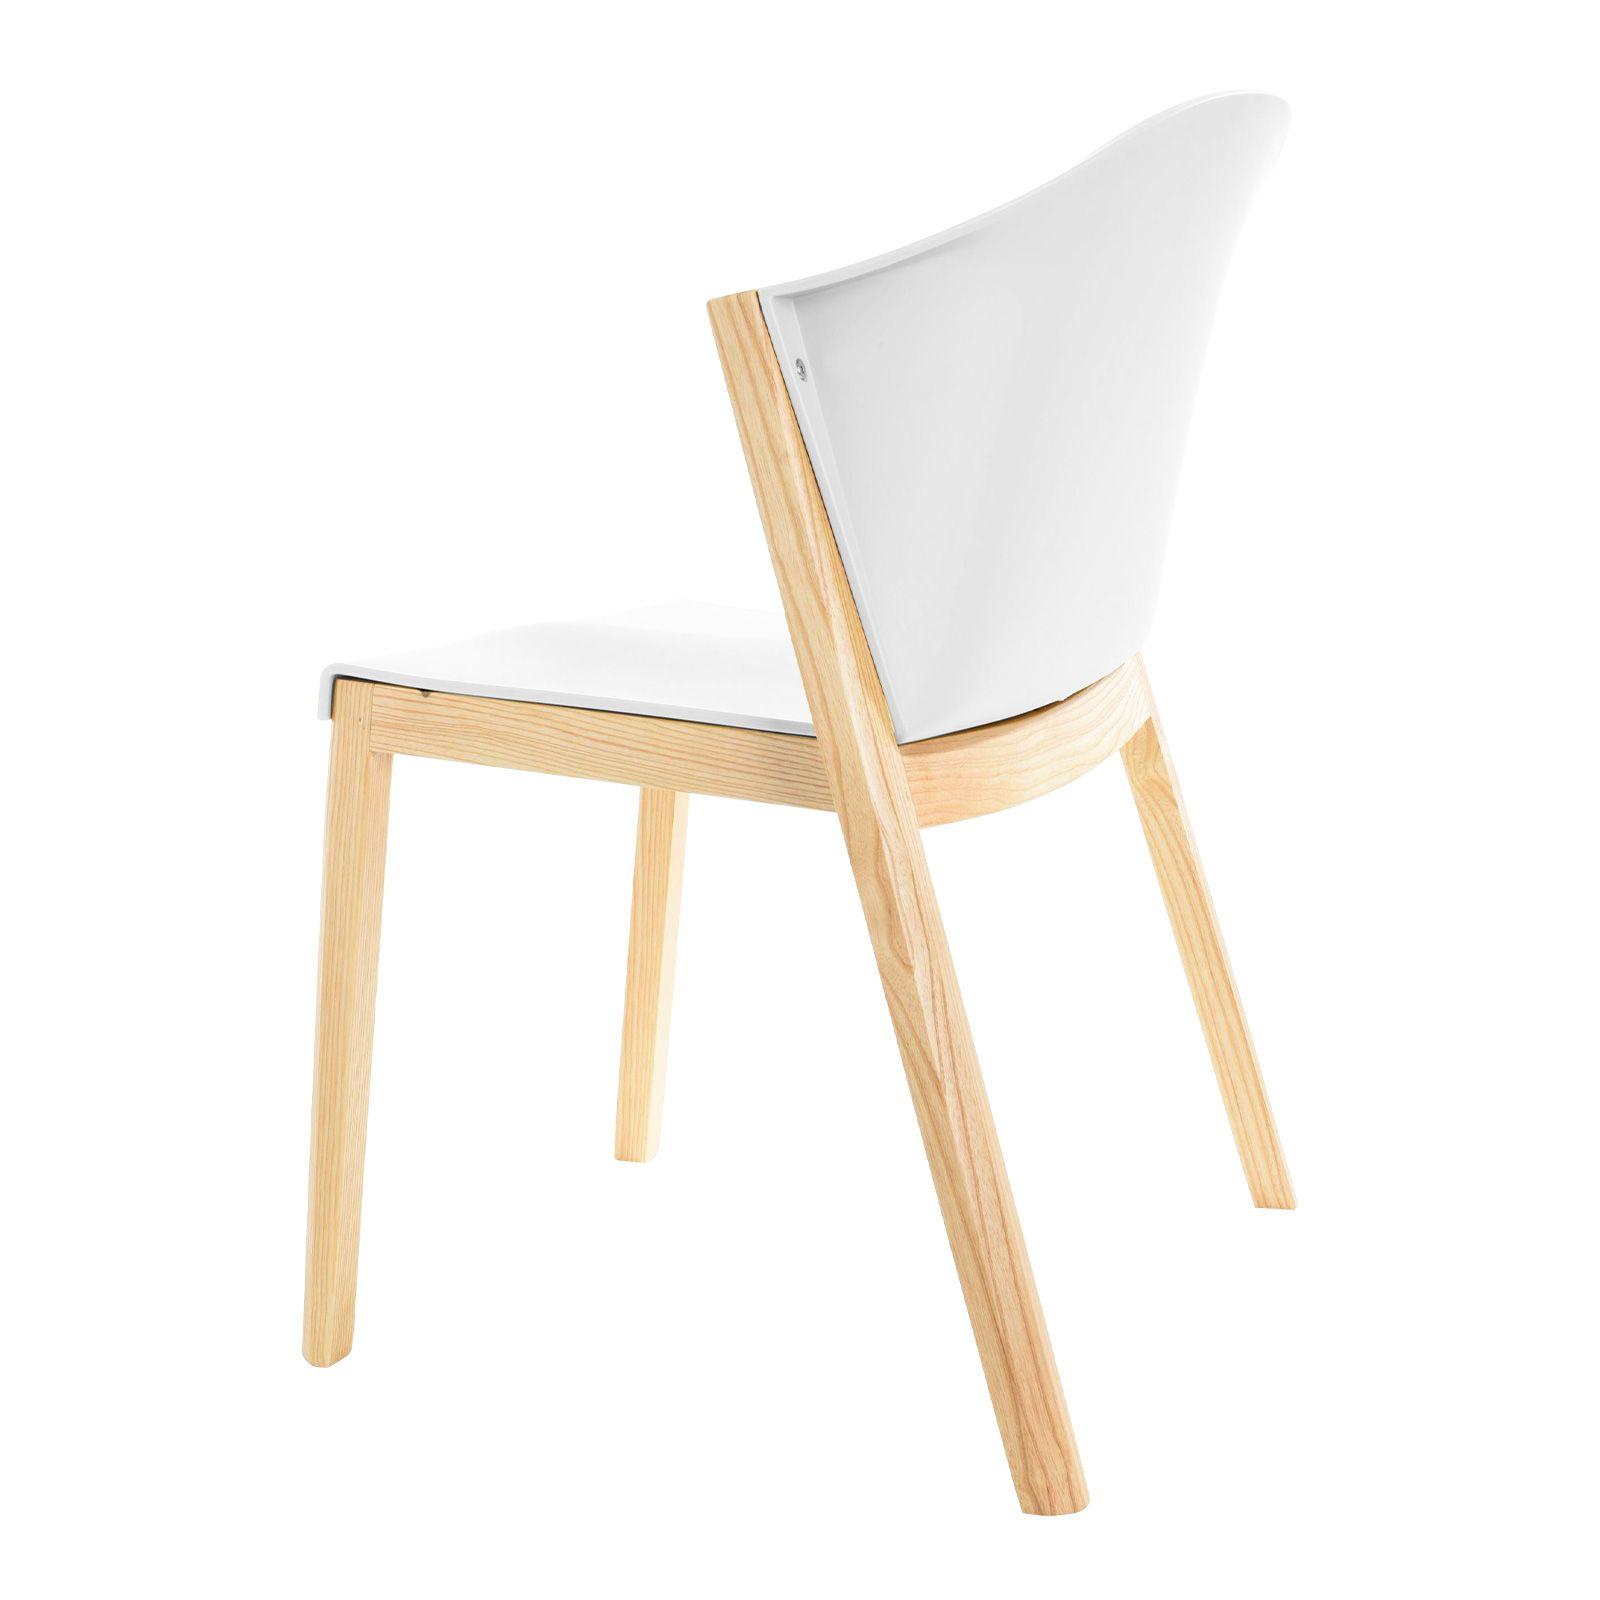 JUANSAN | Silla con estructura de madera de haya y policarbonato (61 x 58 x 78,5 cm)